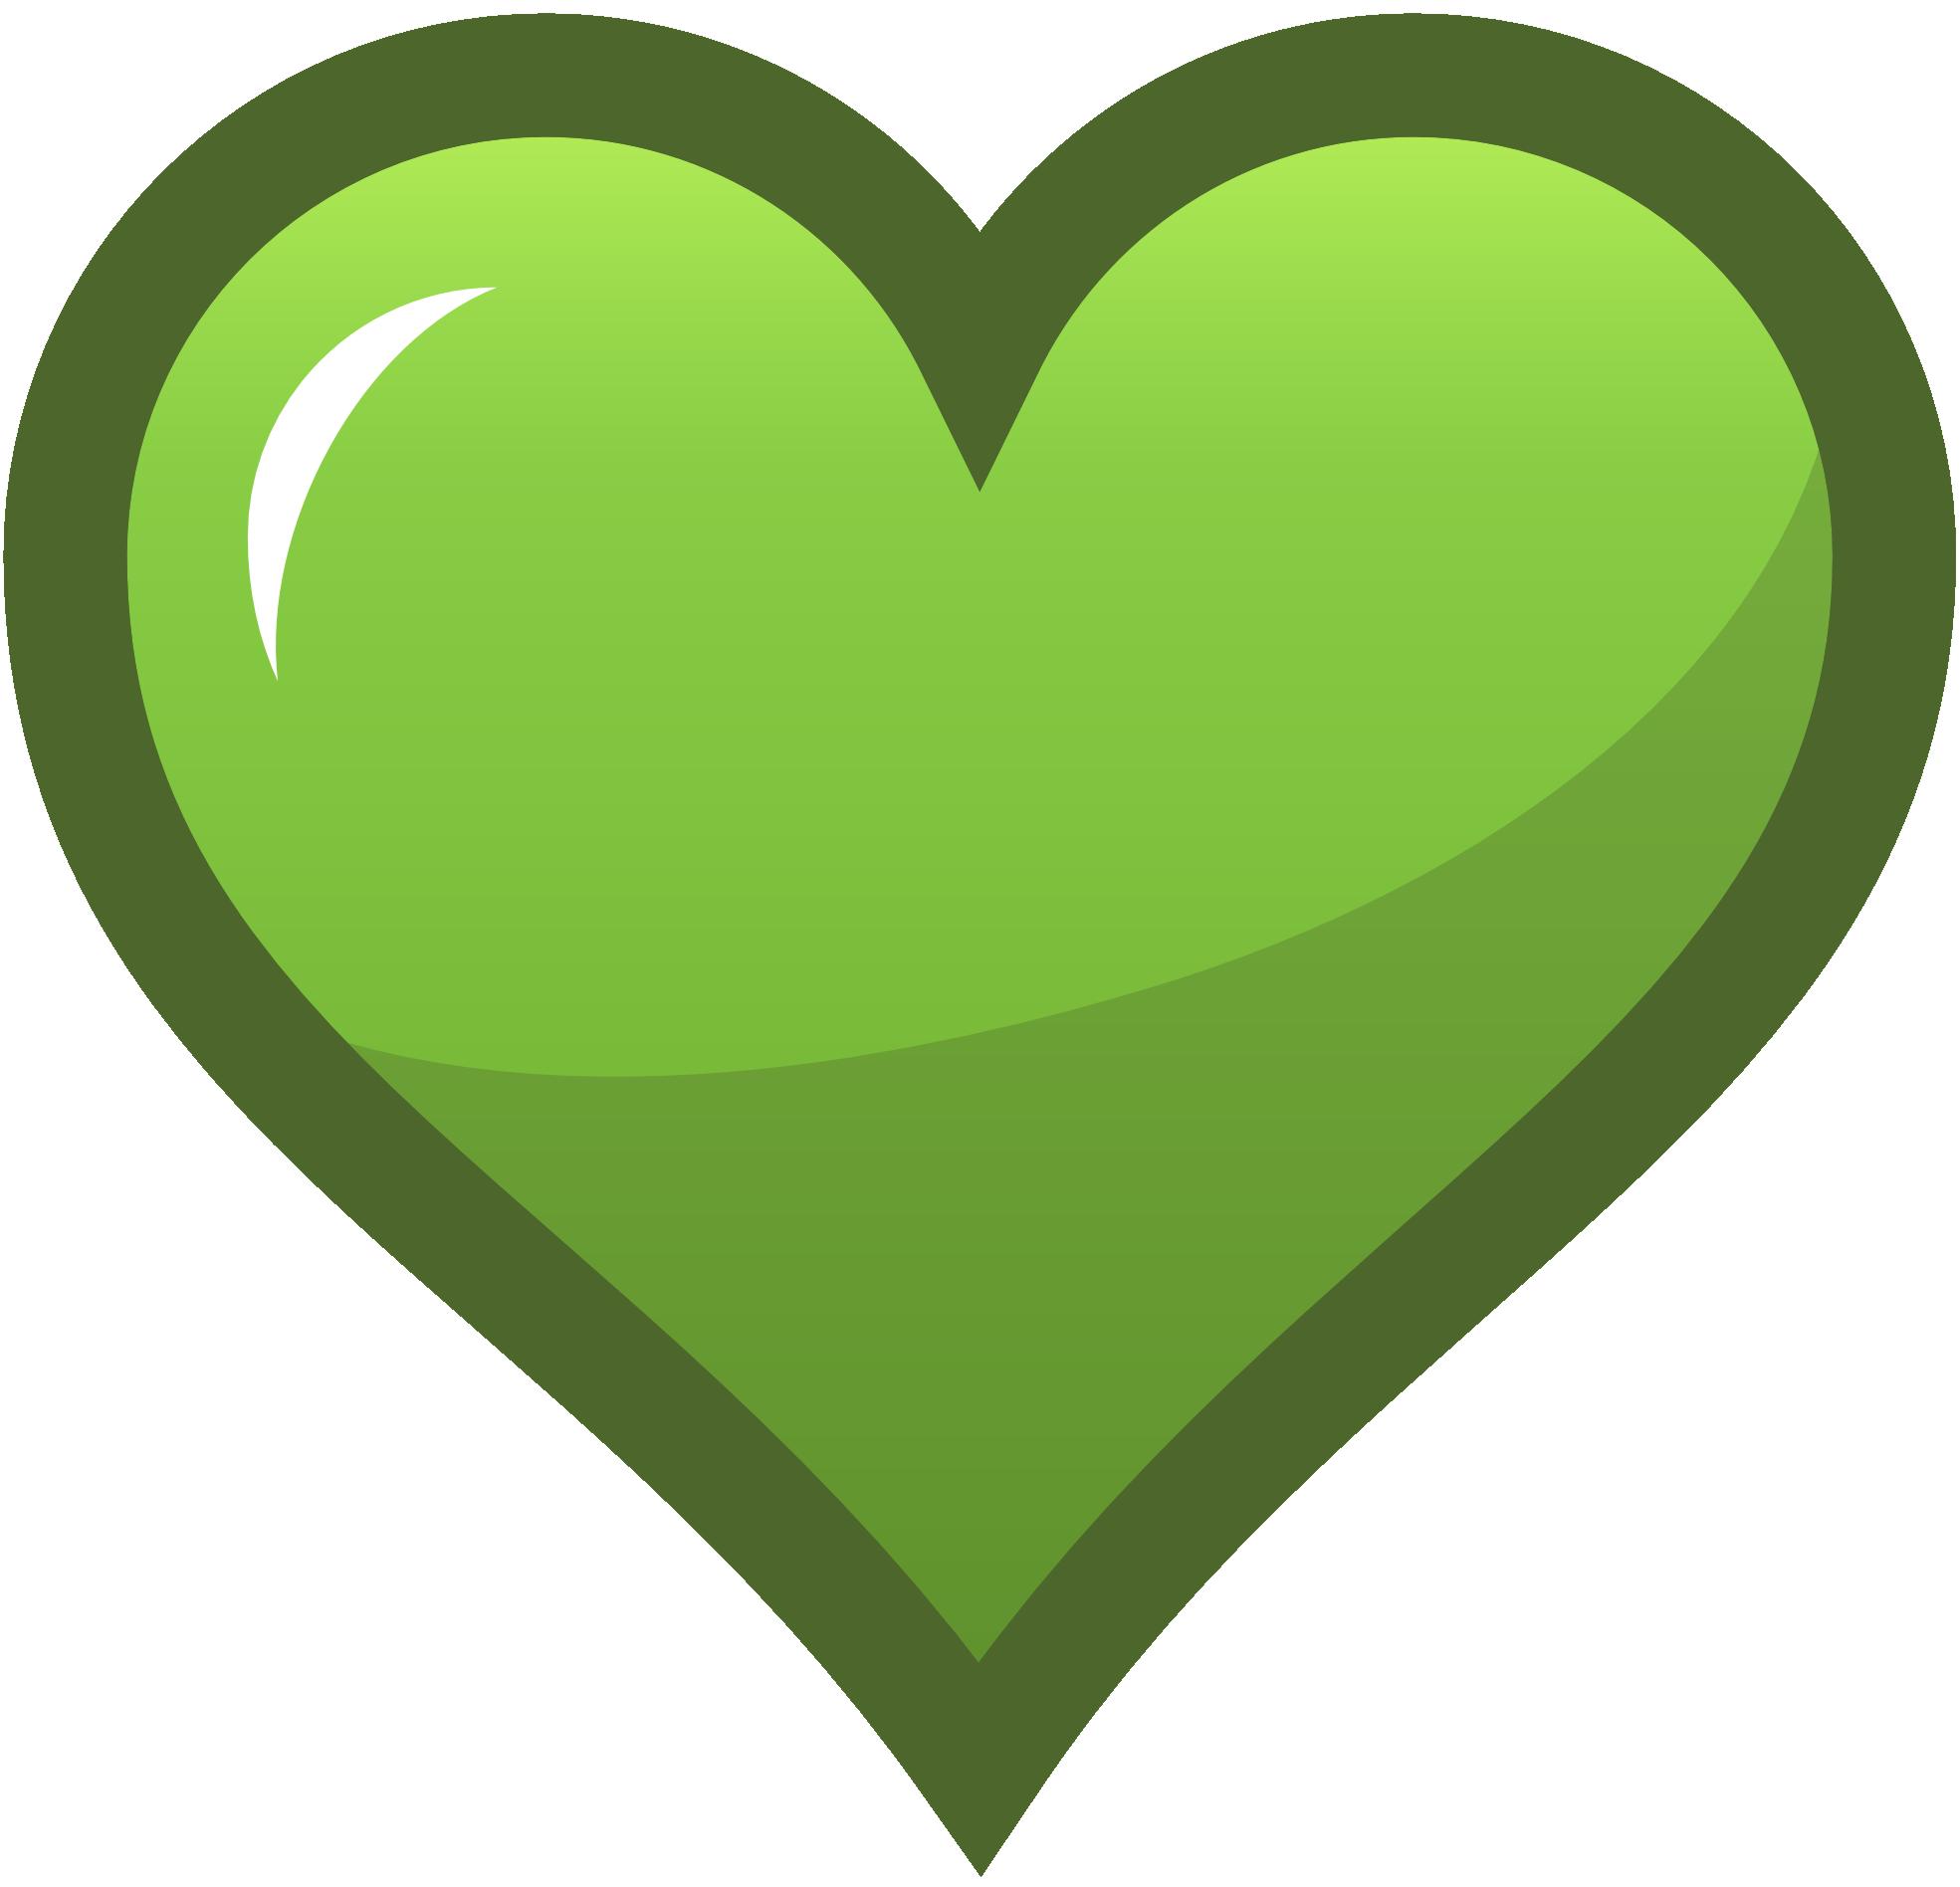 Green heart clip art Heart icons, Clip art, Heart clip art